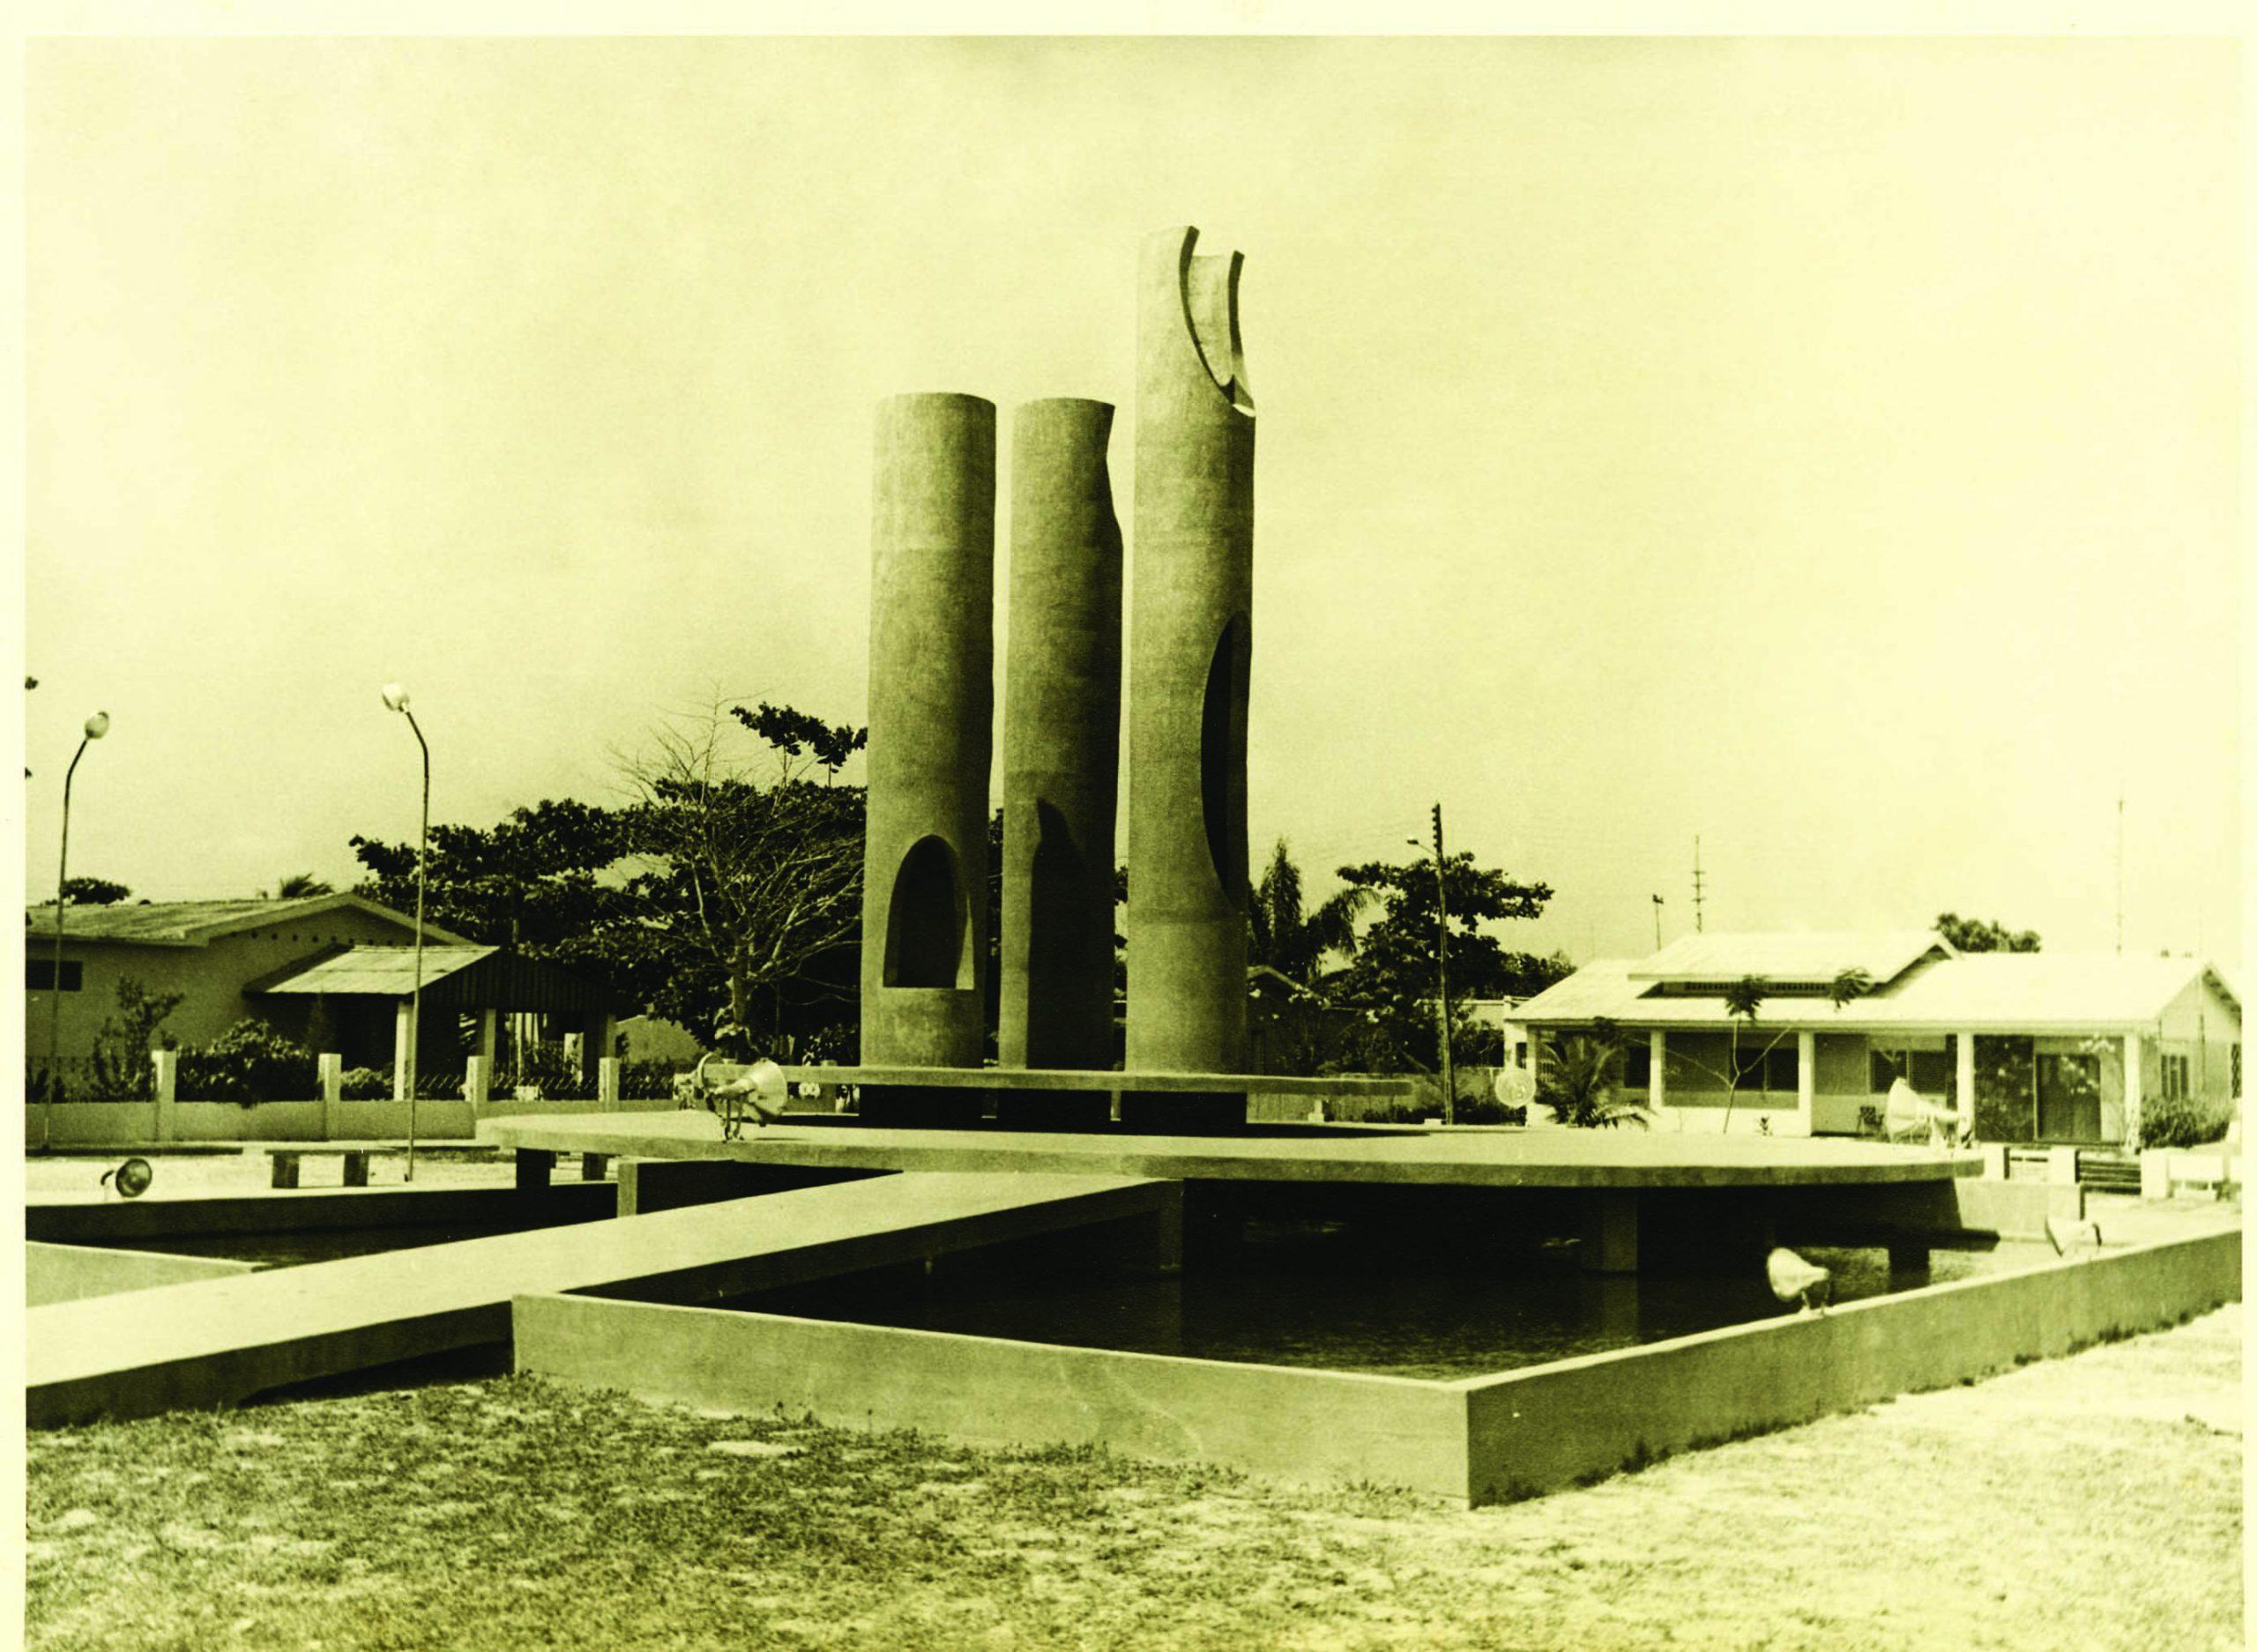 Vista da Praça Duque de Caxias no Bairro São Jorge